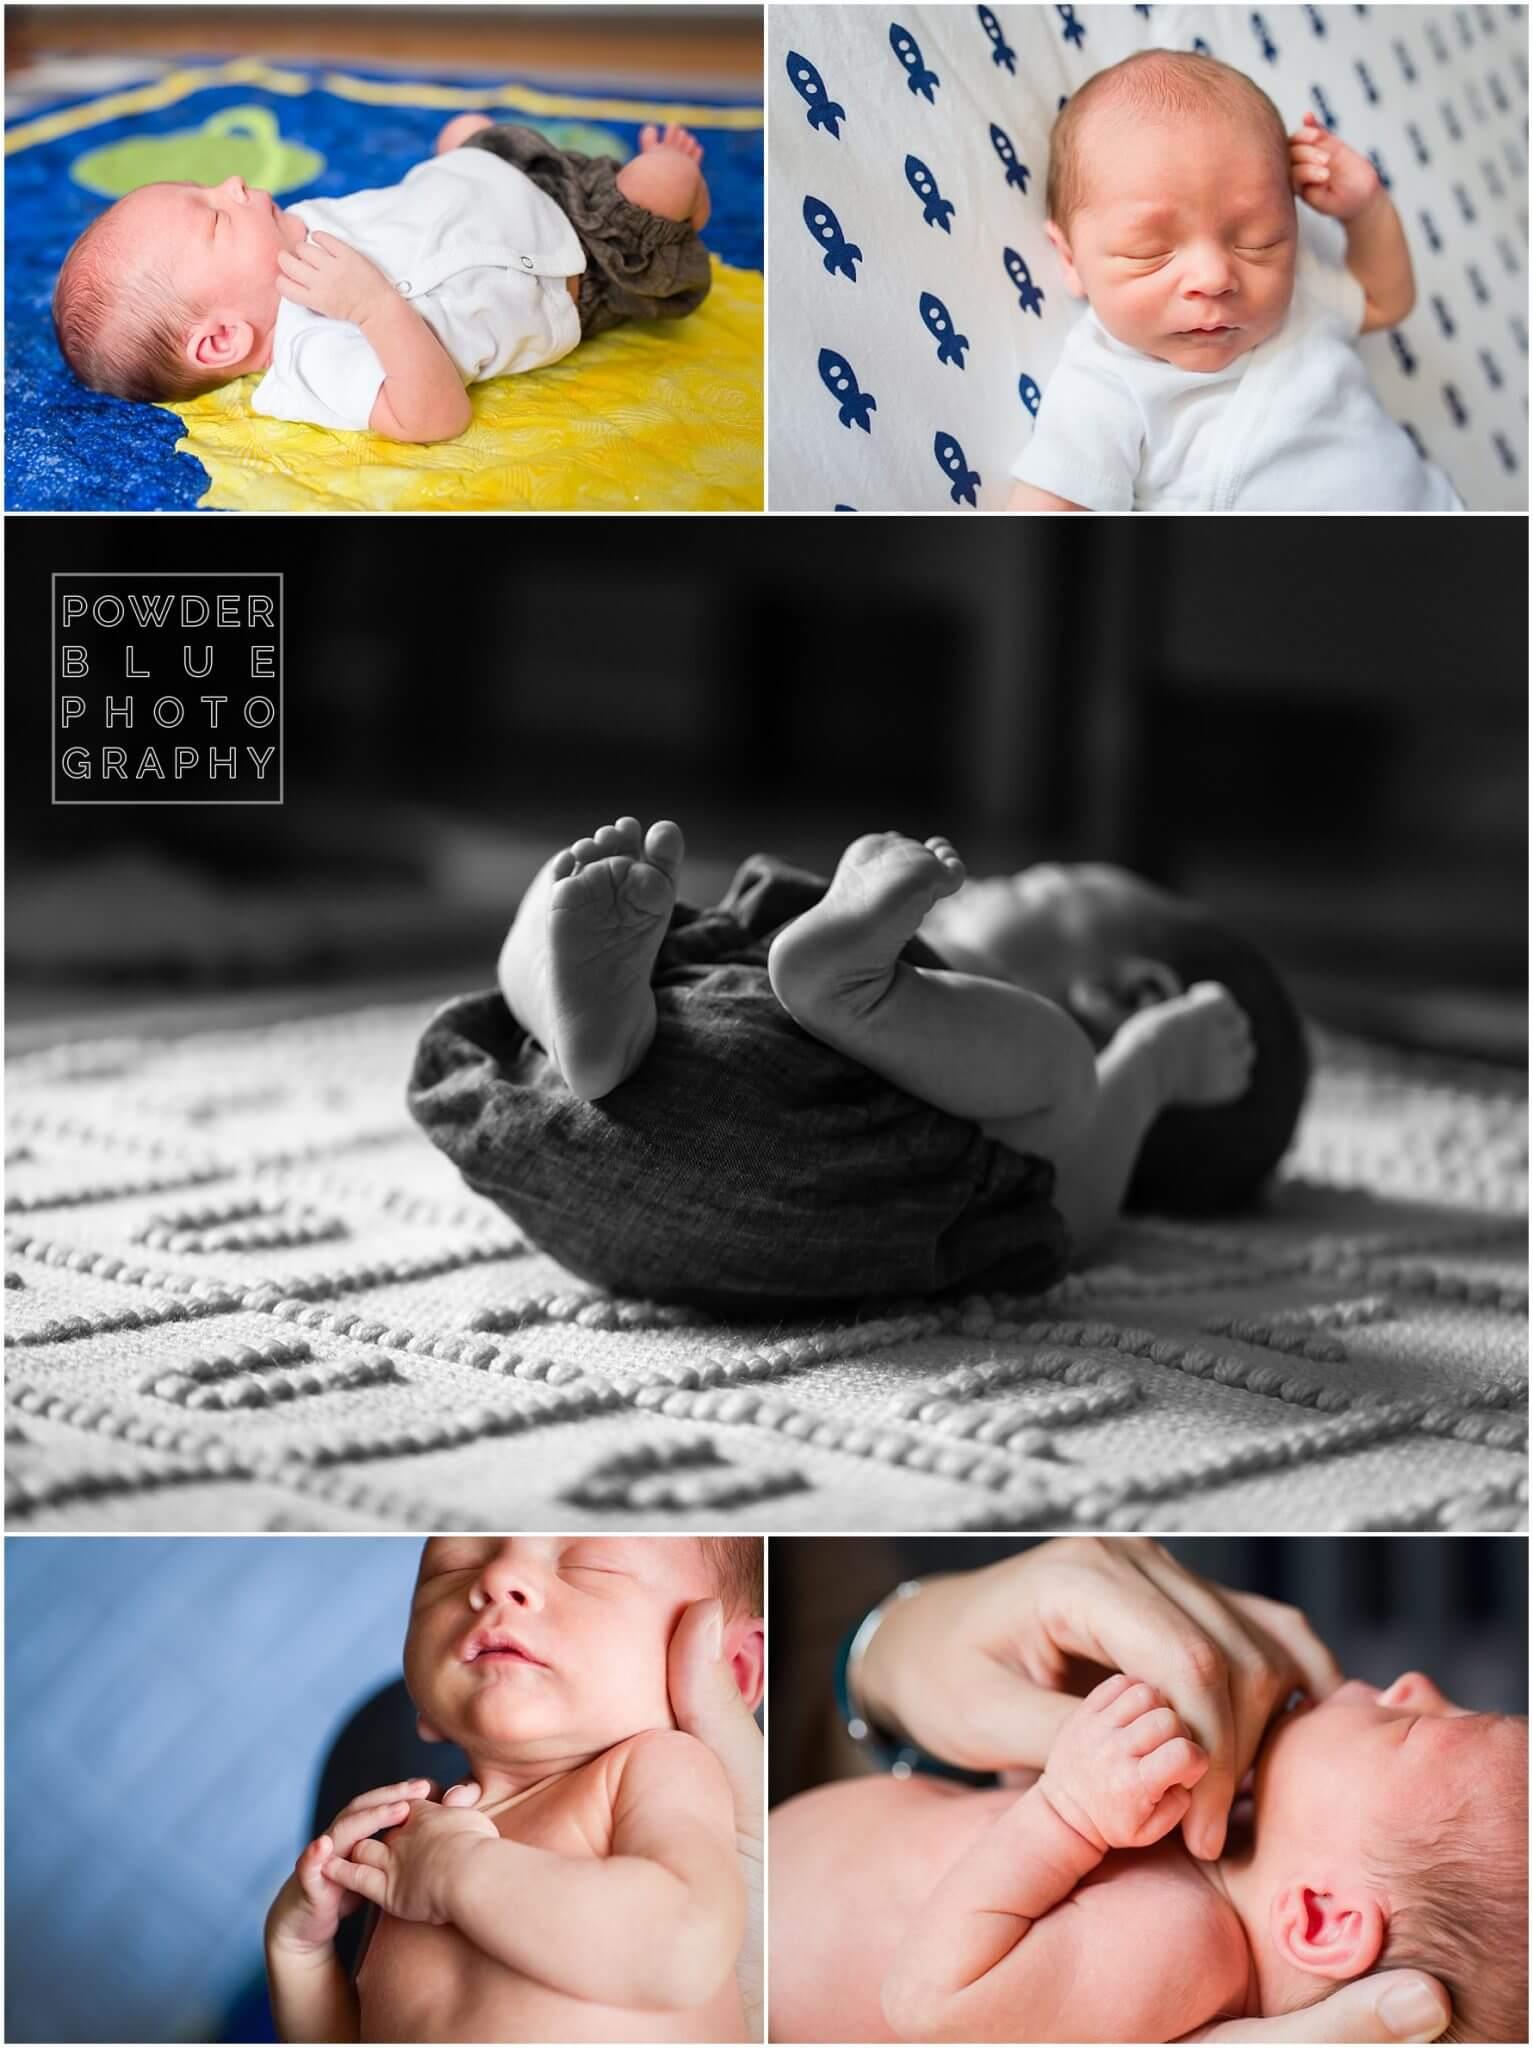 (C) 2015 Powder Blue Photography. www.powderbluephoto.com